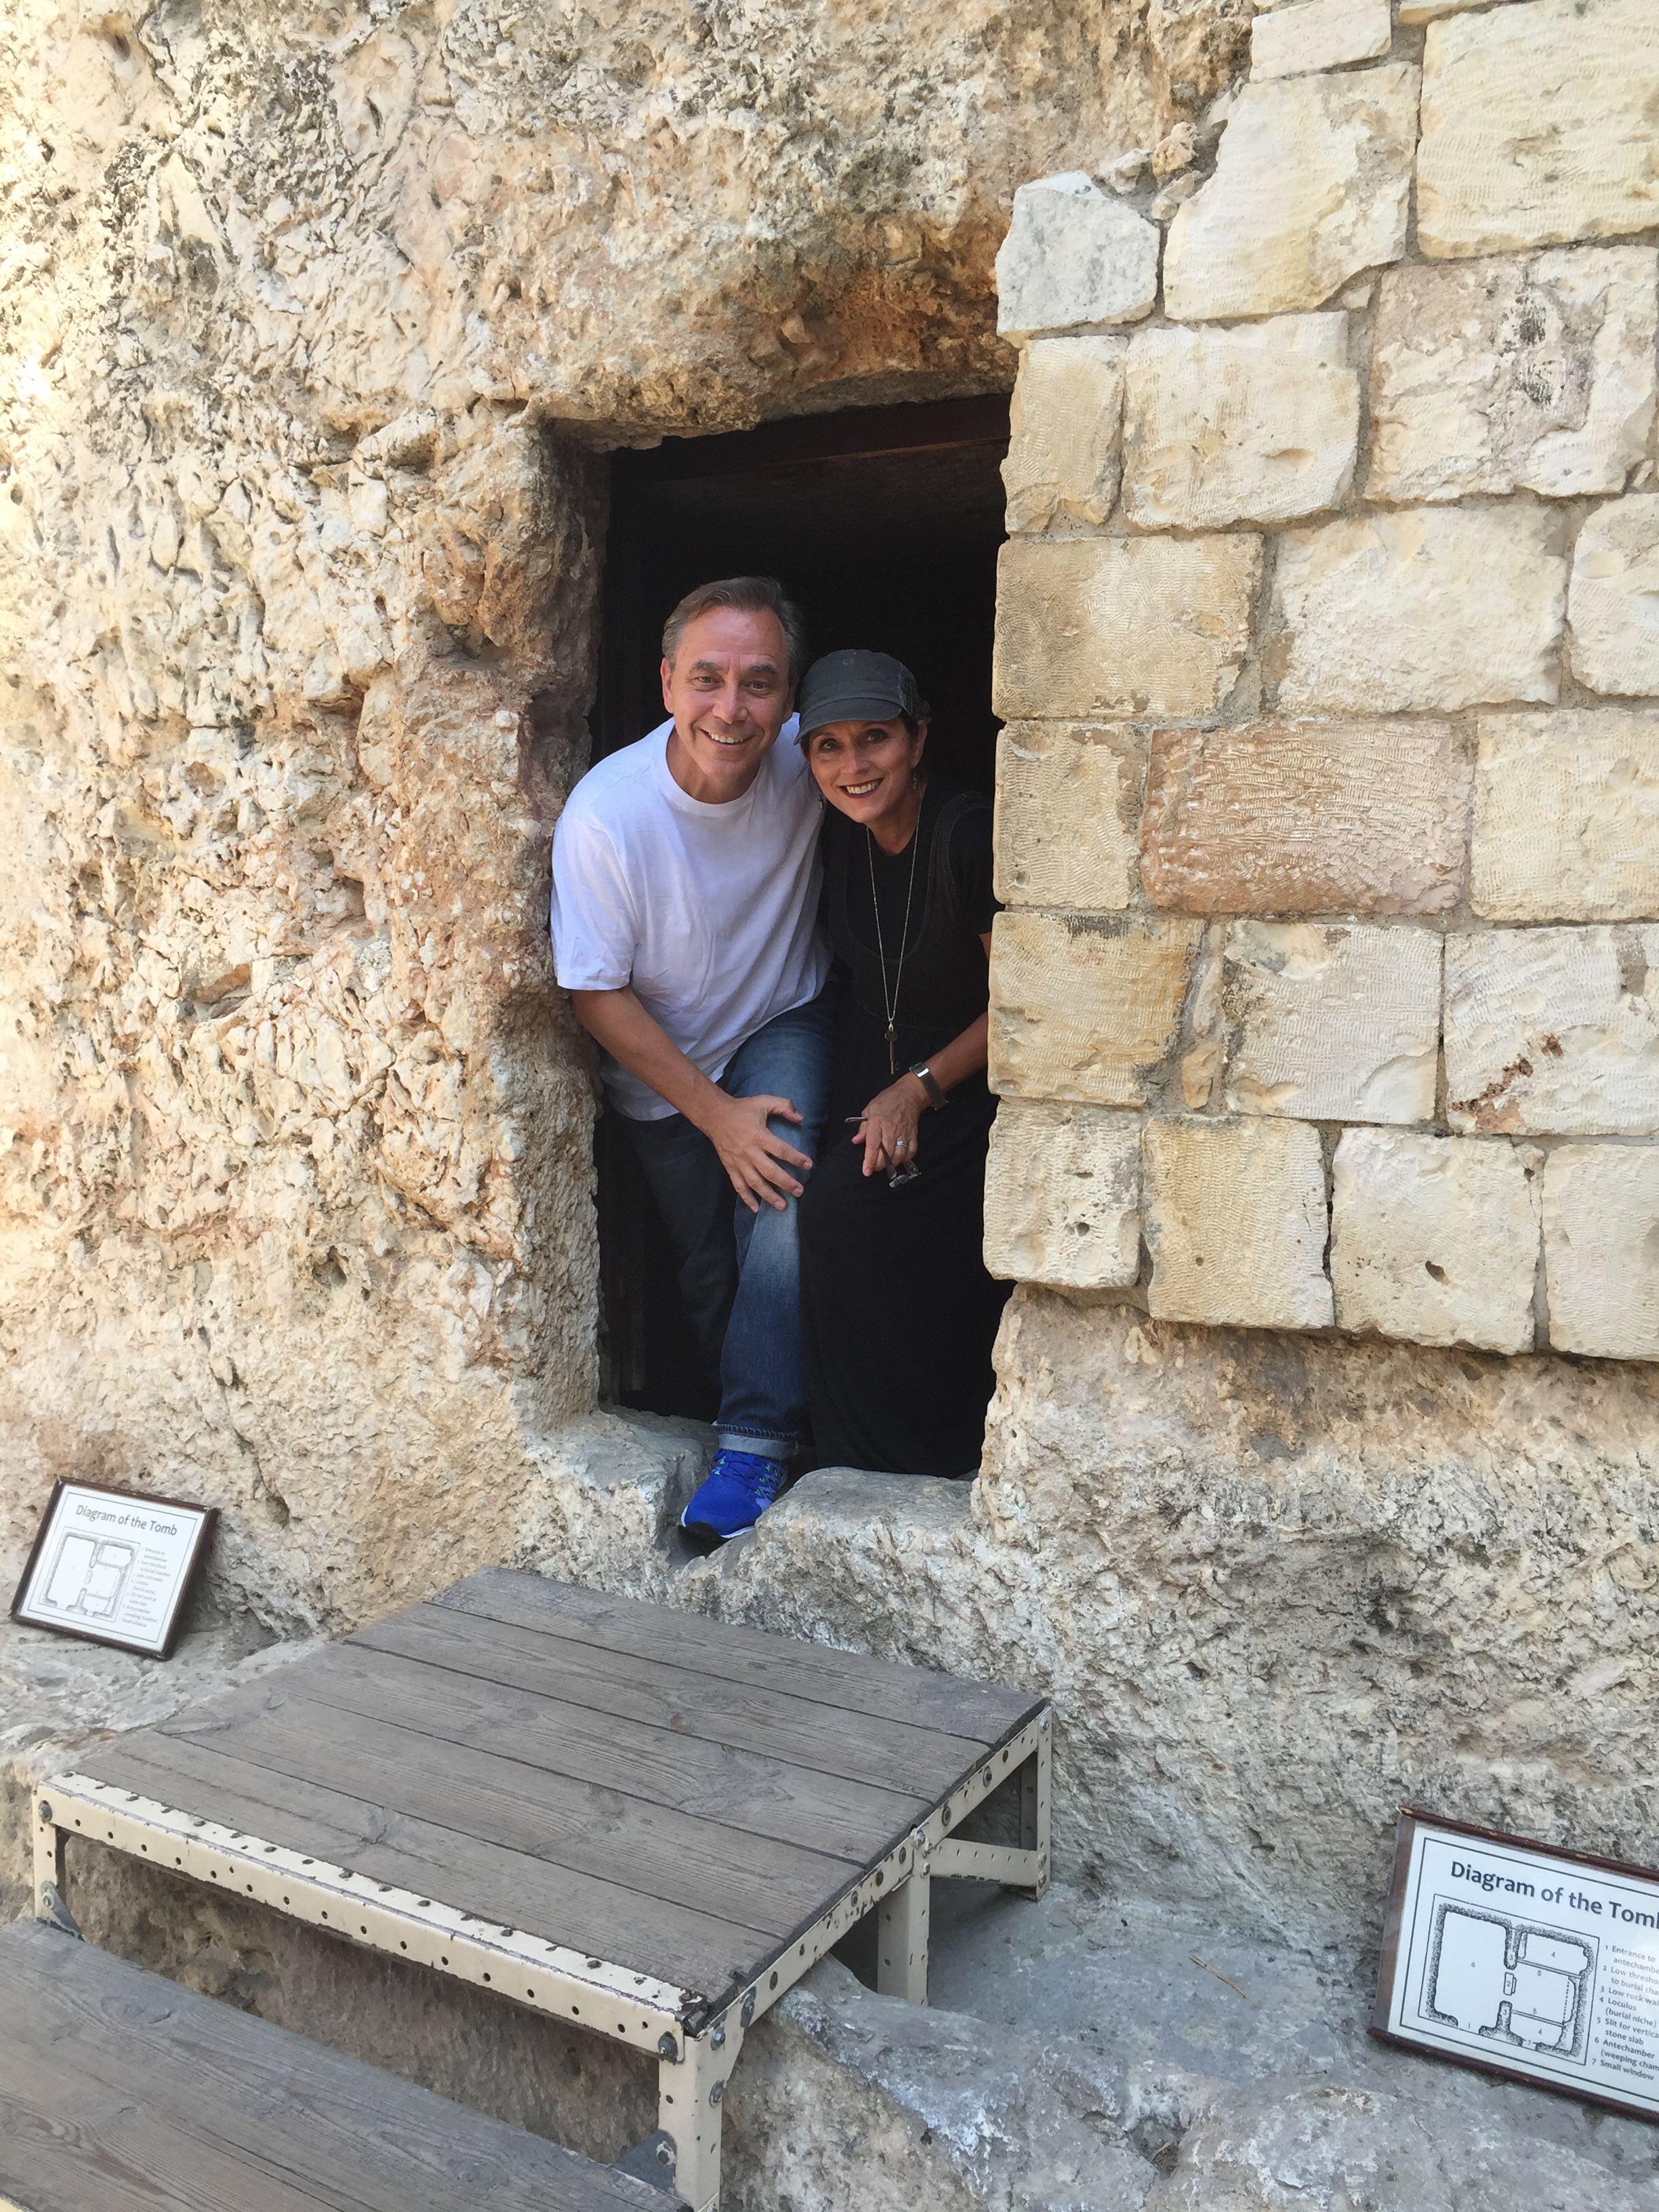 The tomb is Empty -